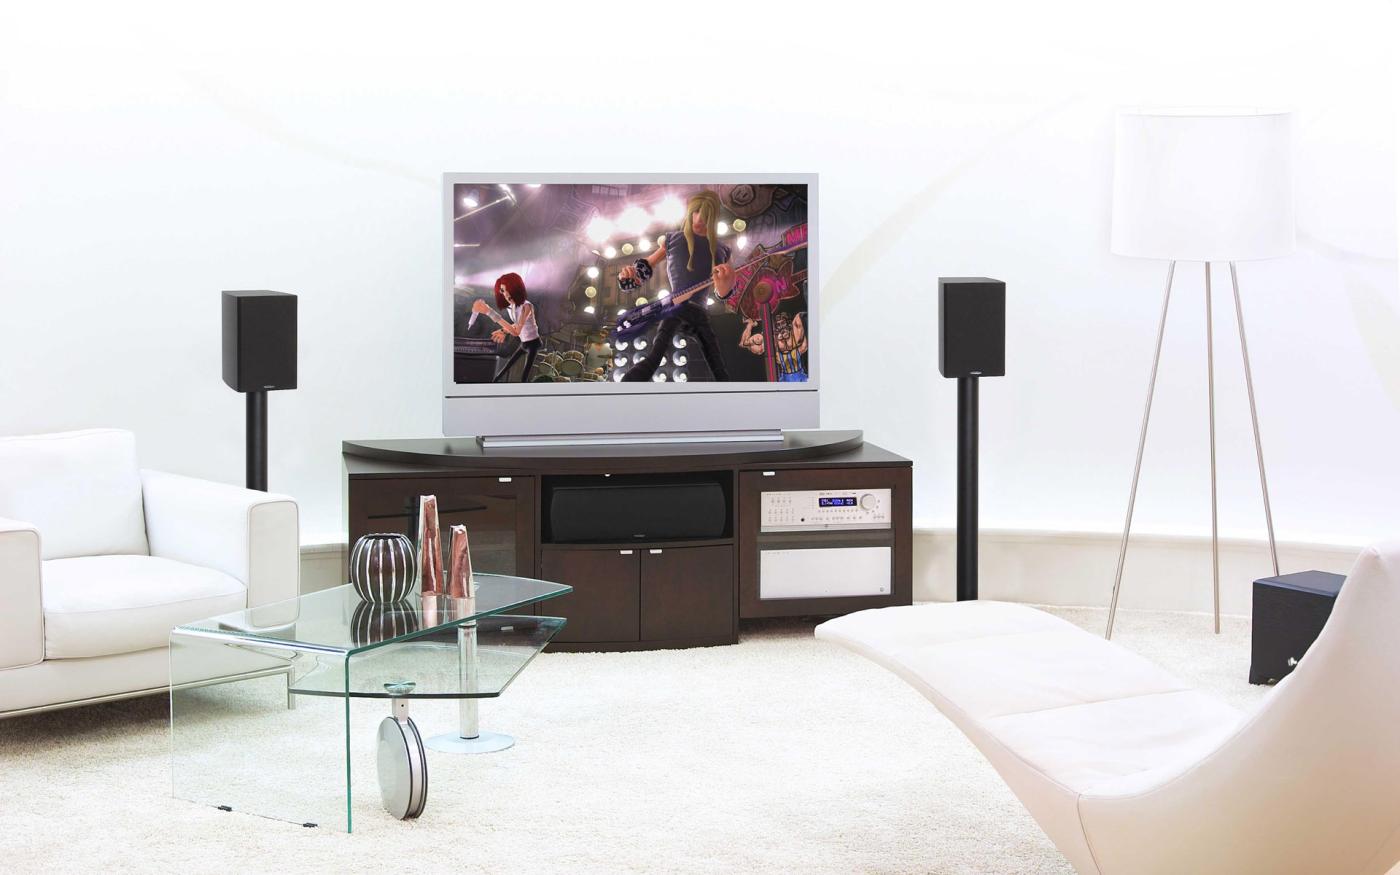 EZBayar | Order Today - Home Entertainment